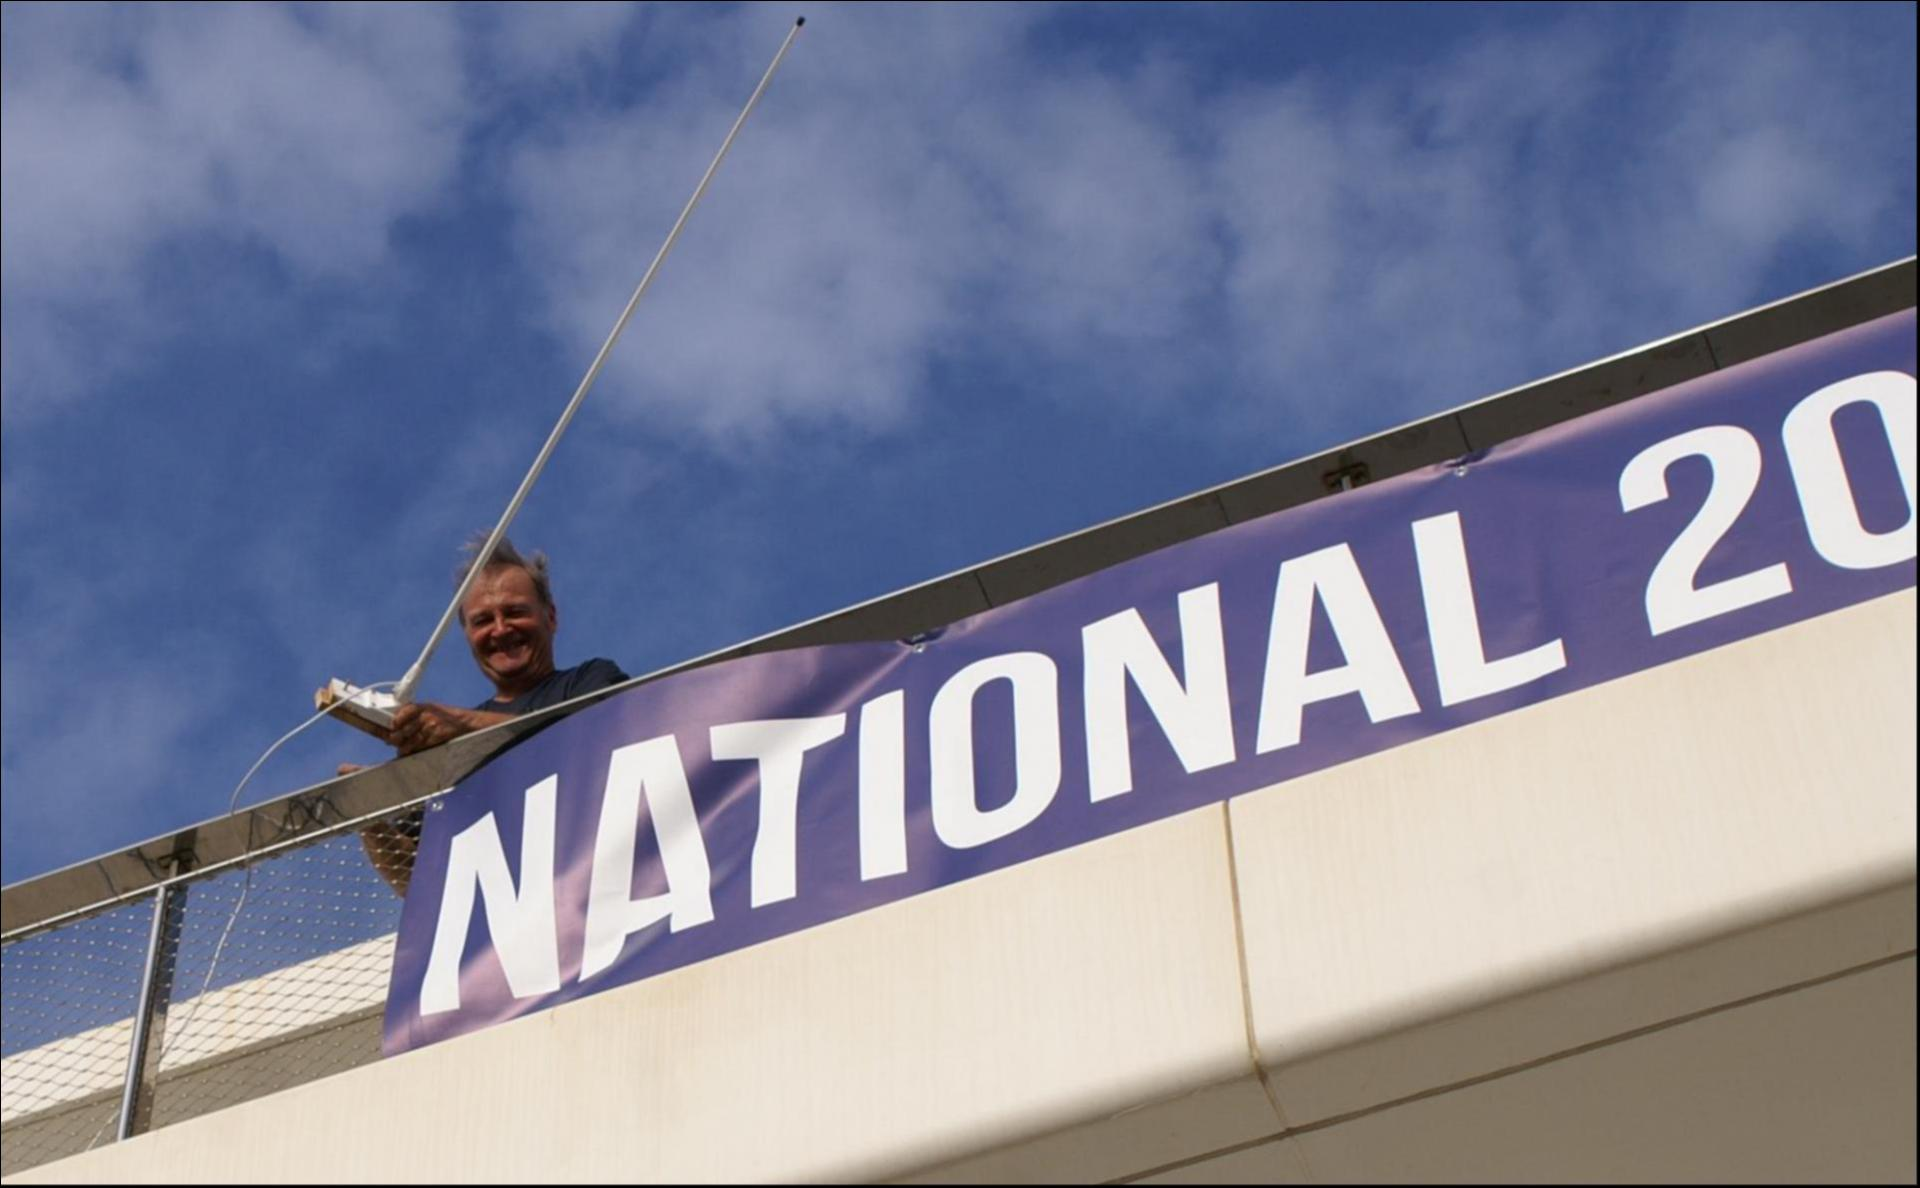 Jean-Georges DENIZOT démonte l'antenne, la fête est finie